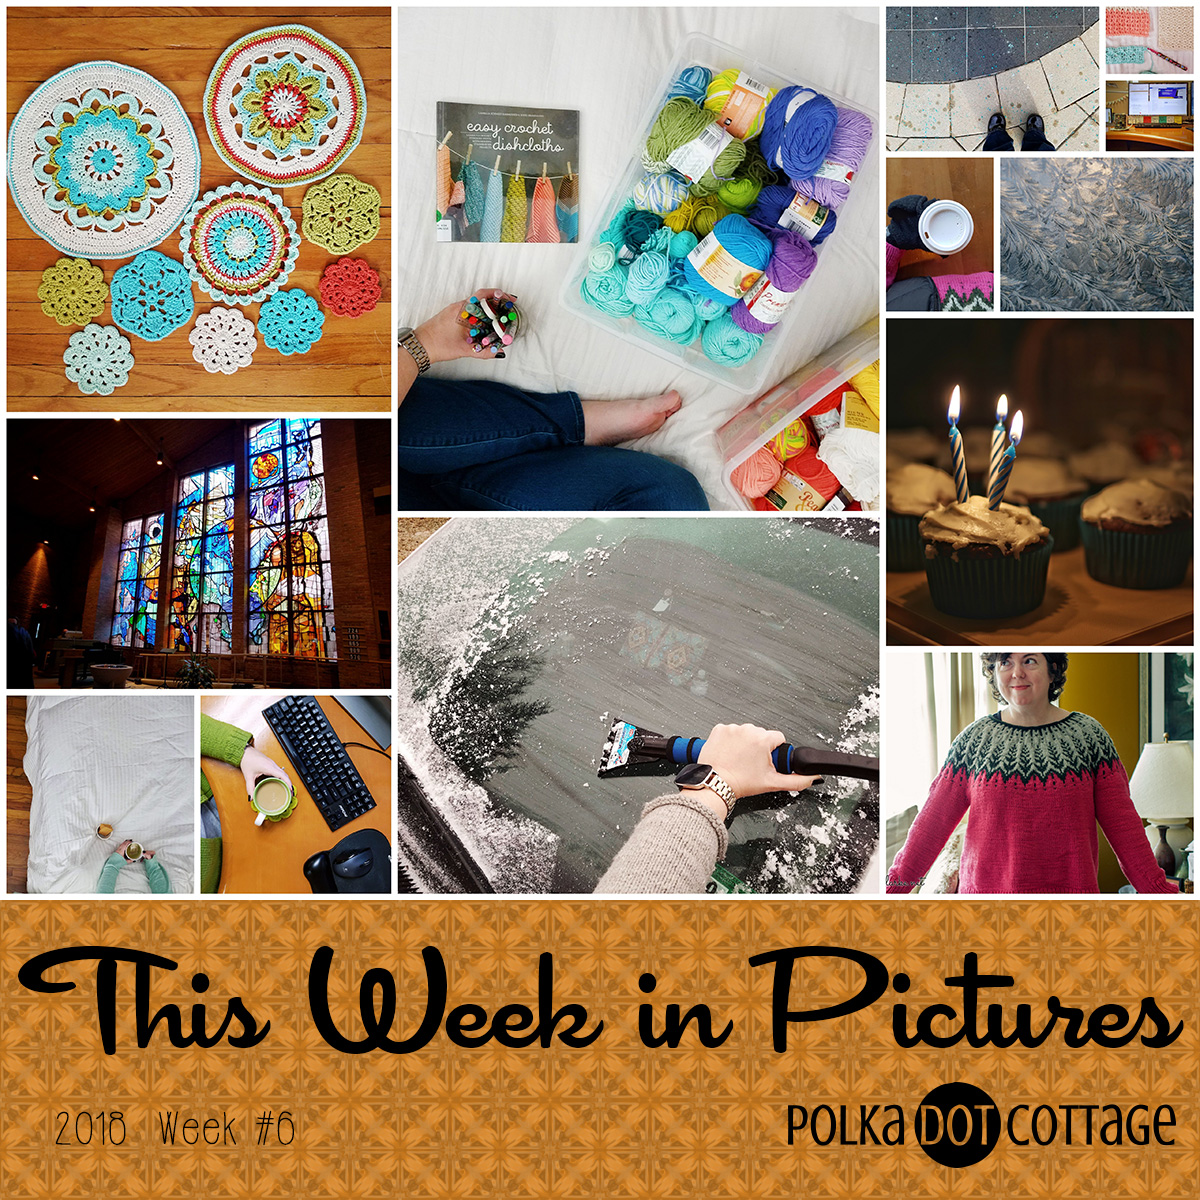 This Week in Pictures 2018 Week 6